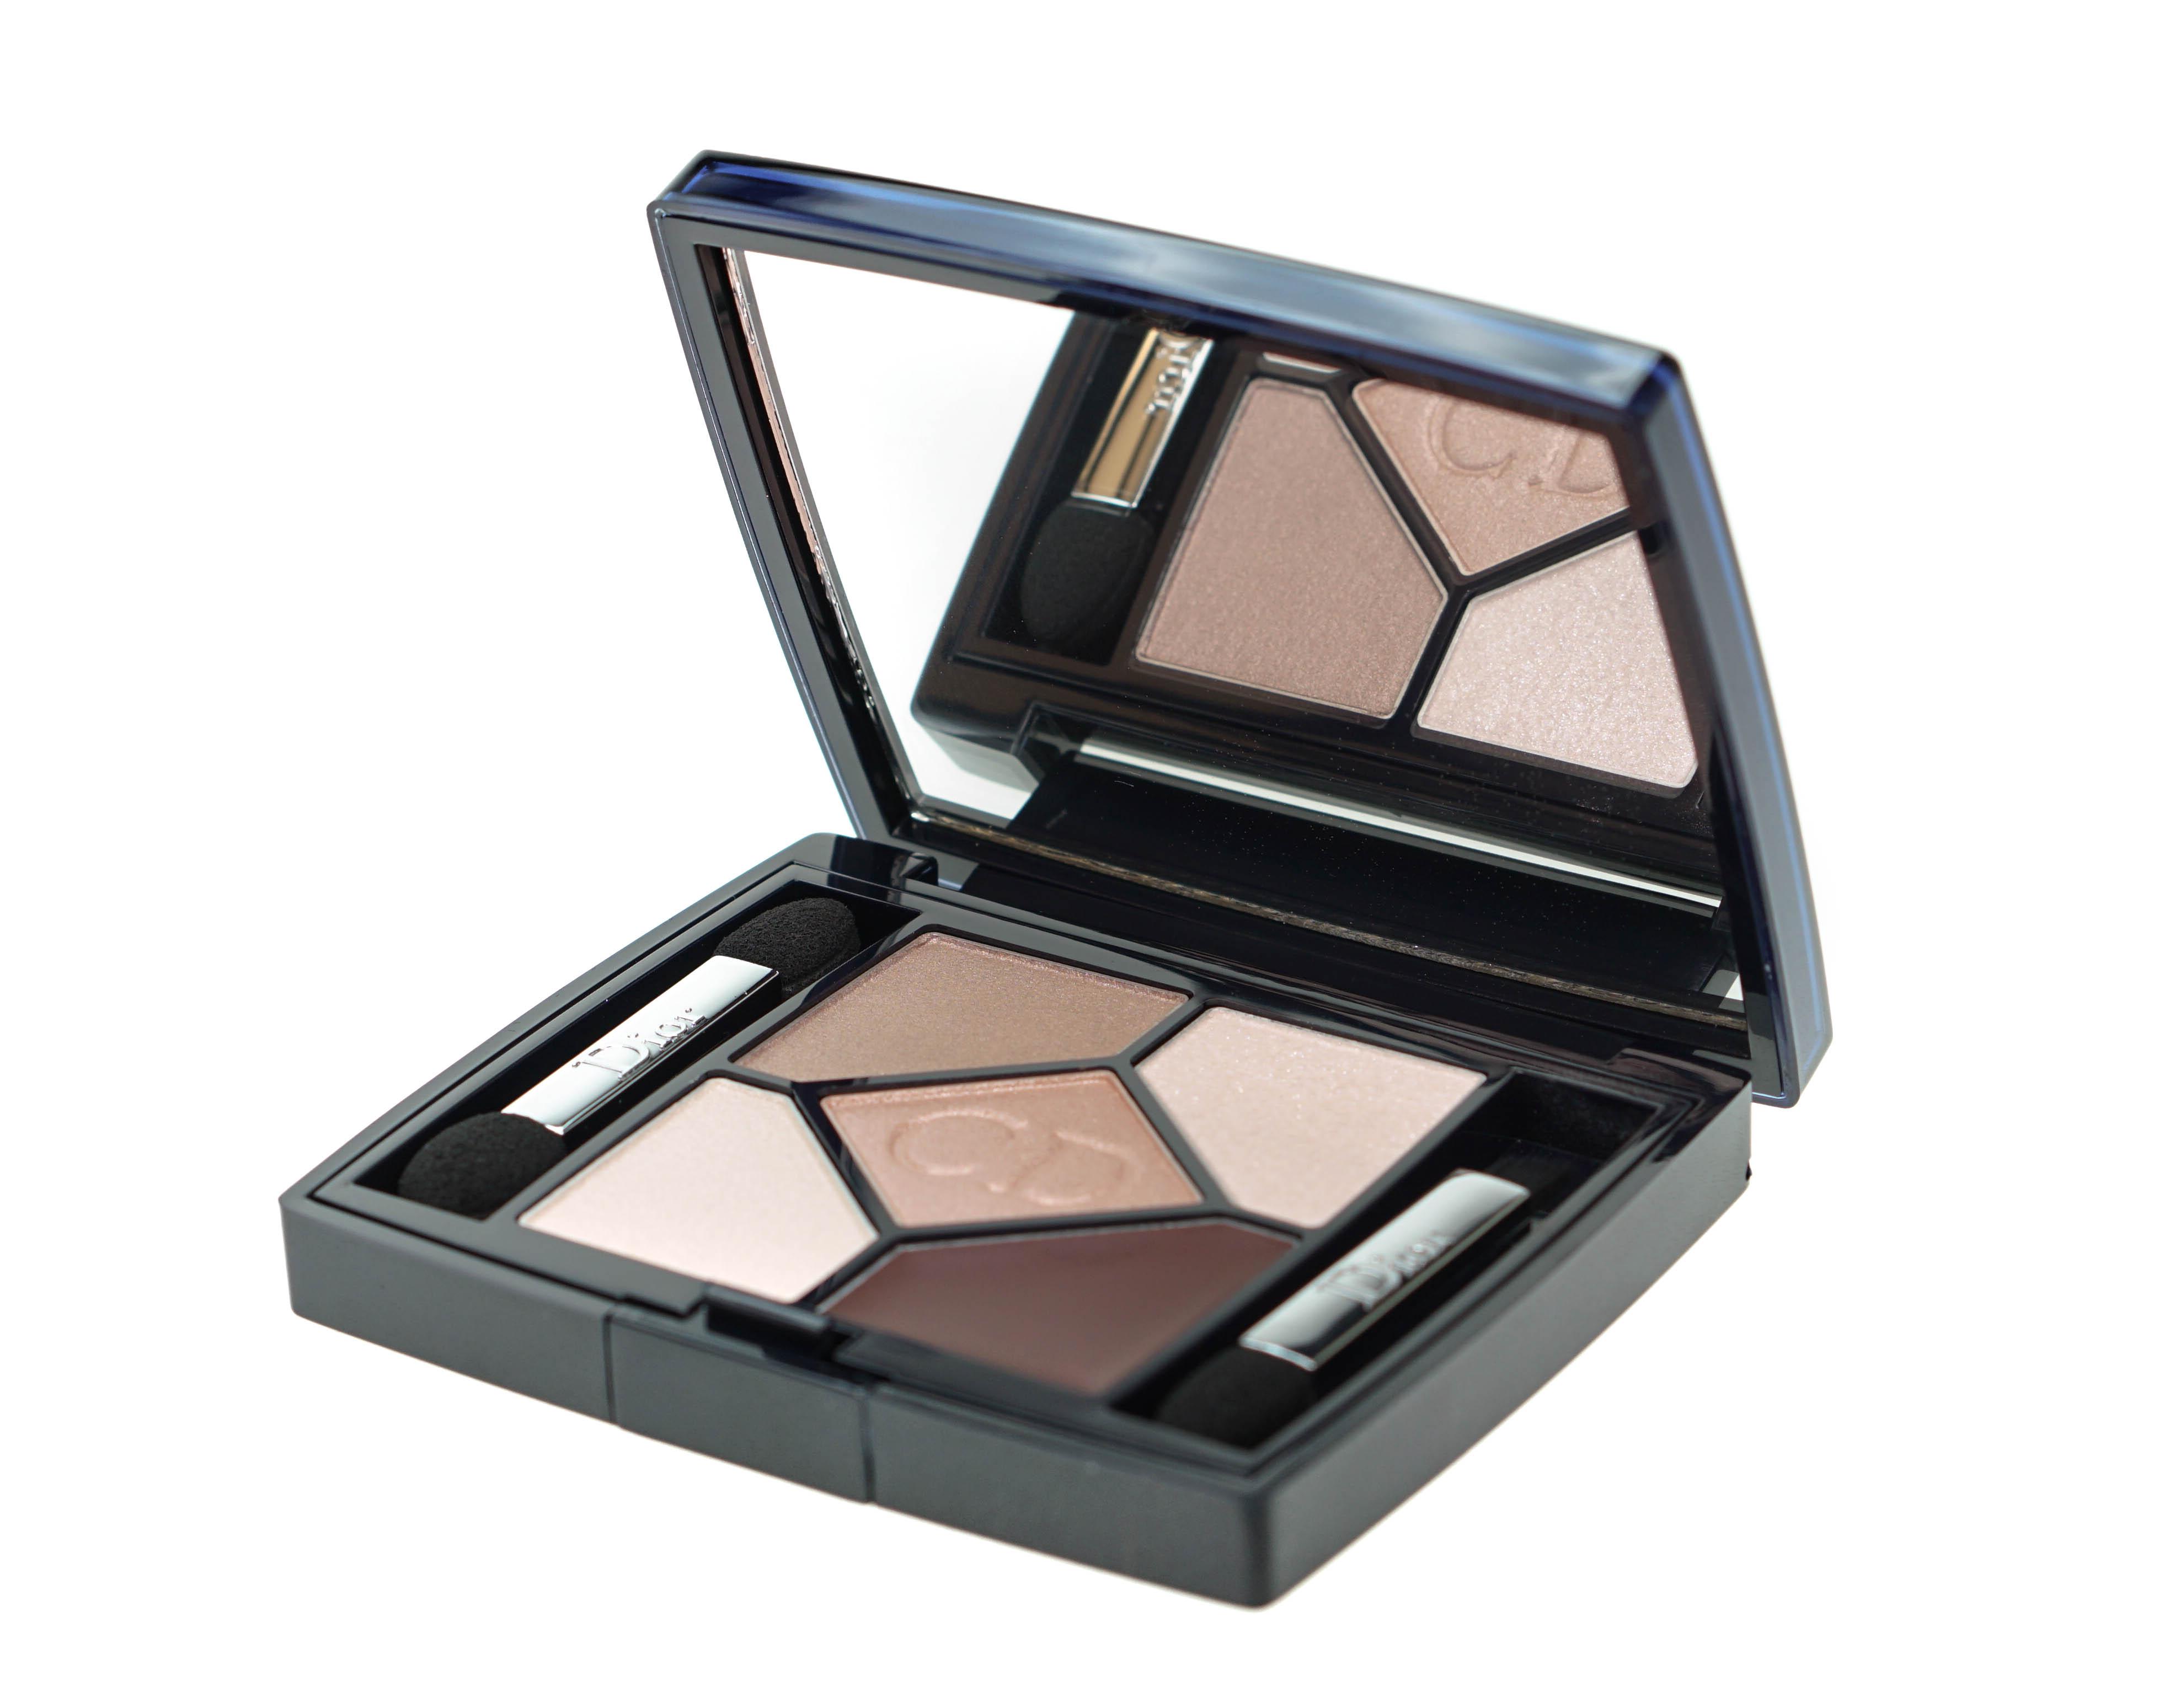 Dior 5 couleurs designer eyeshadow palette nude pink design 508 neutral cream eur 30 79 - Palette de couleur html ...